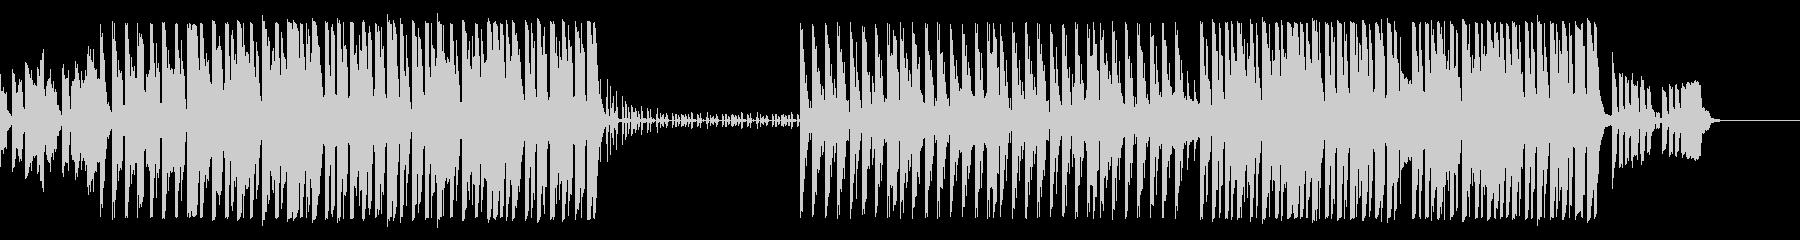 【organ抜】可愛らしいピアノEDMの未再生の波形